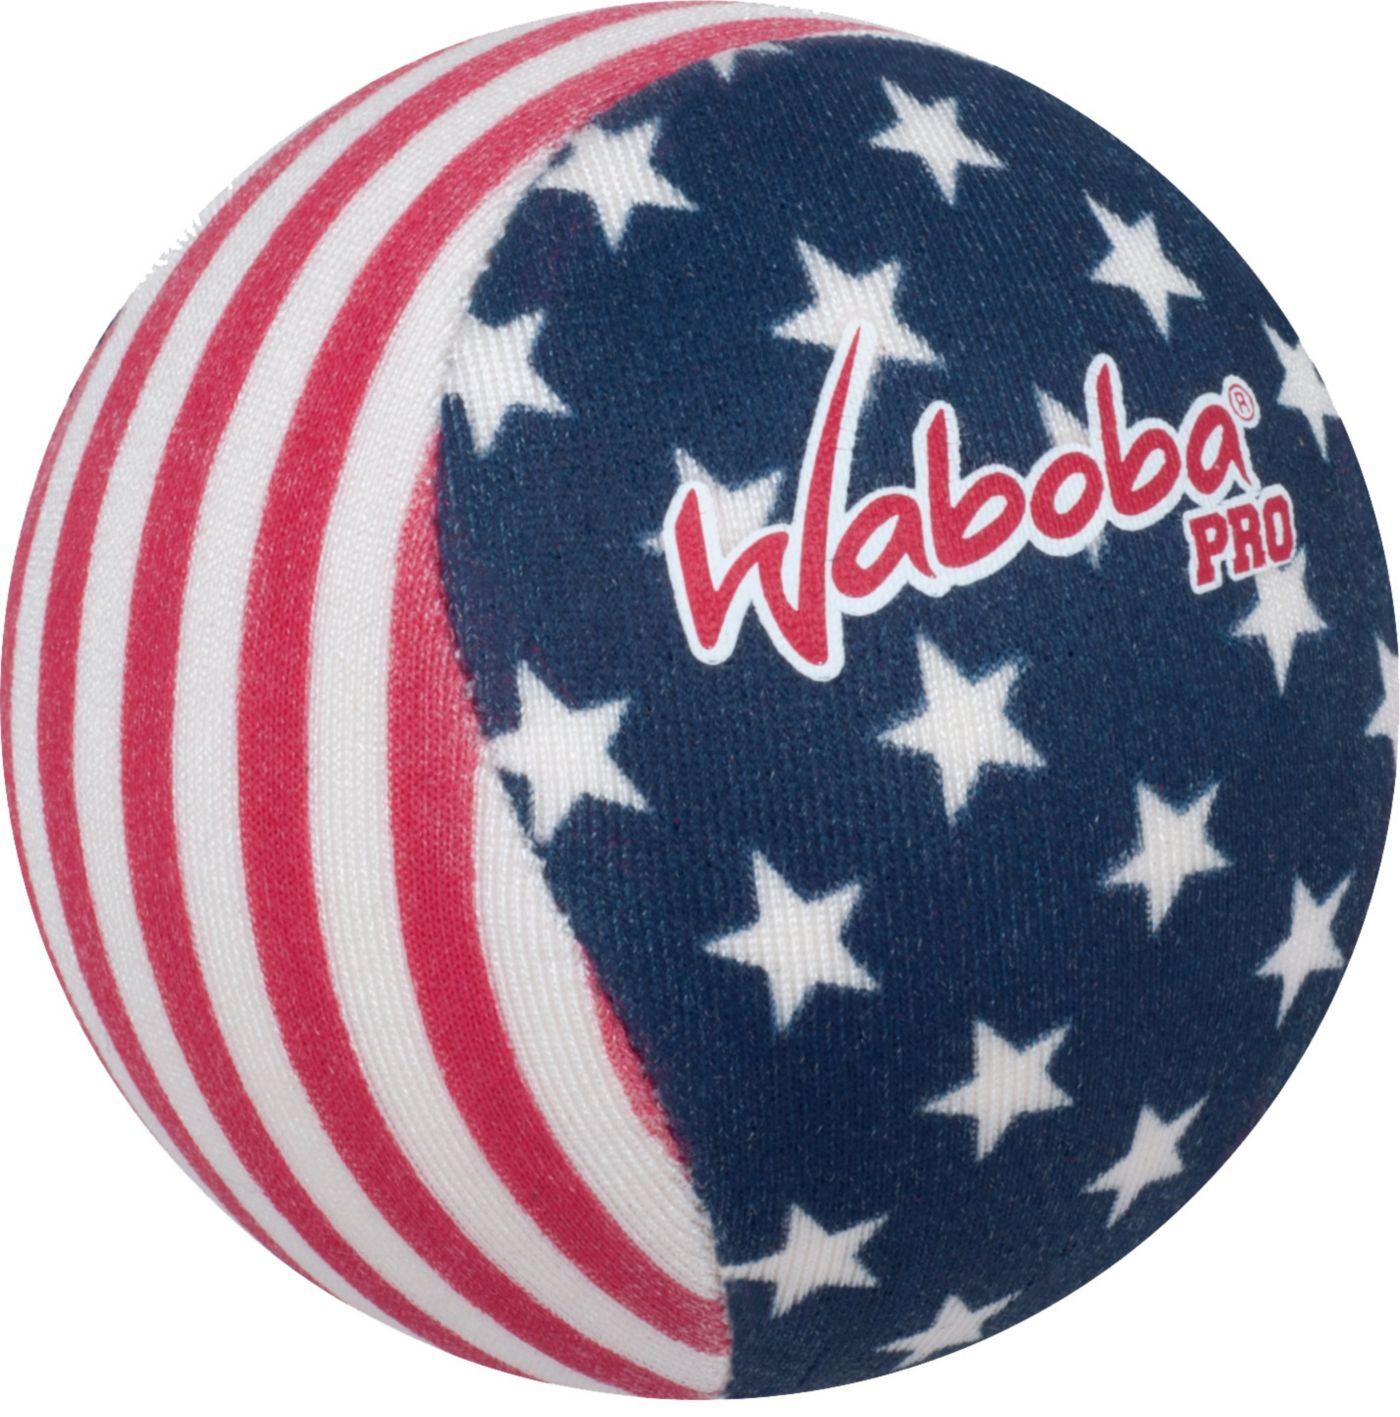 Waboba Pro Water Ball